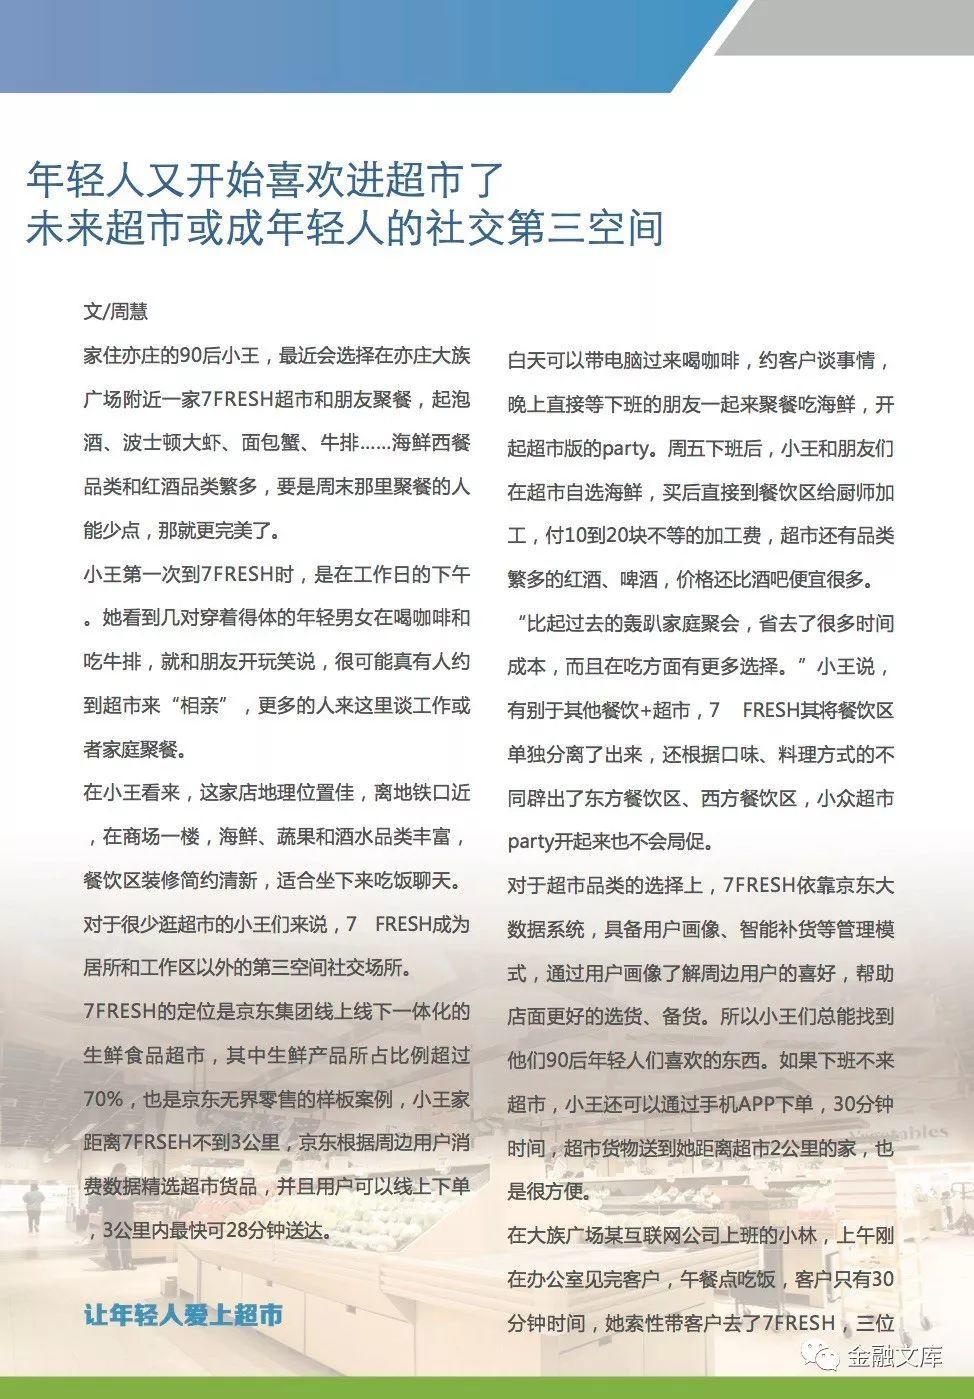 21世纪经济研究院:2018中国零售趋势半年报